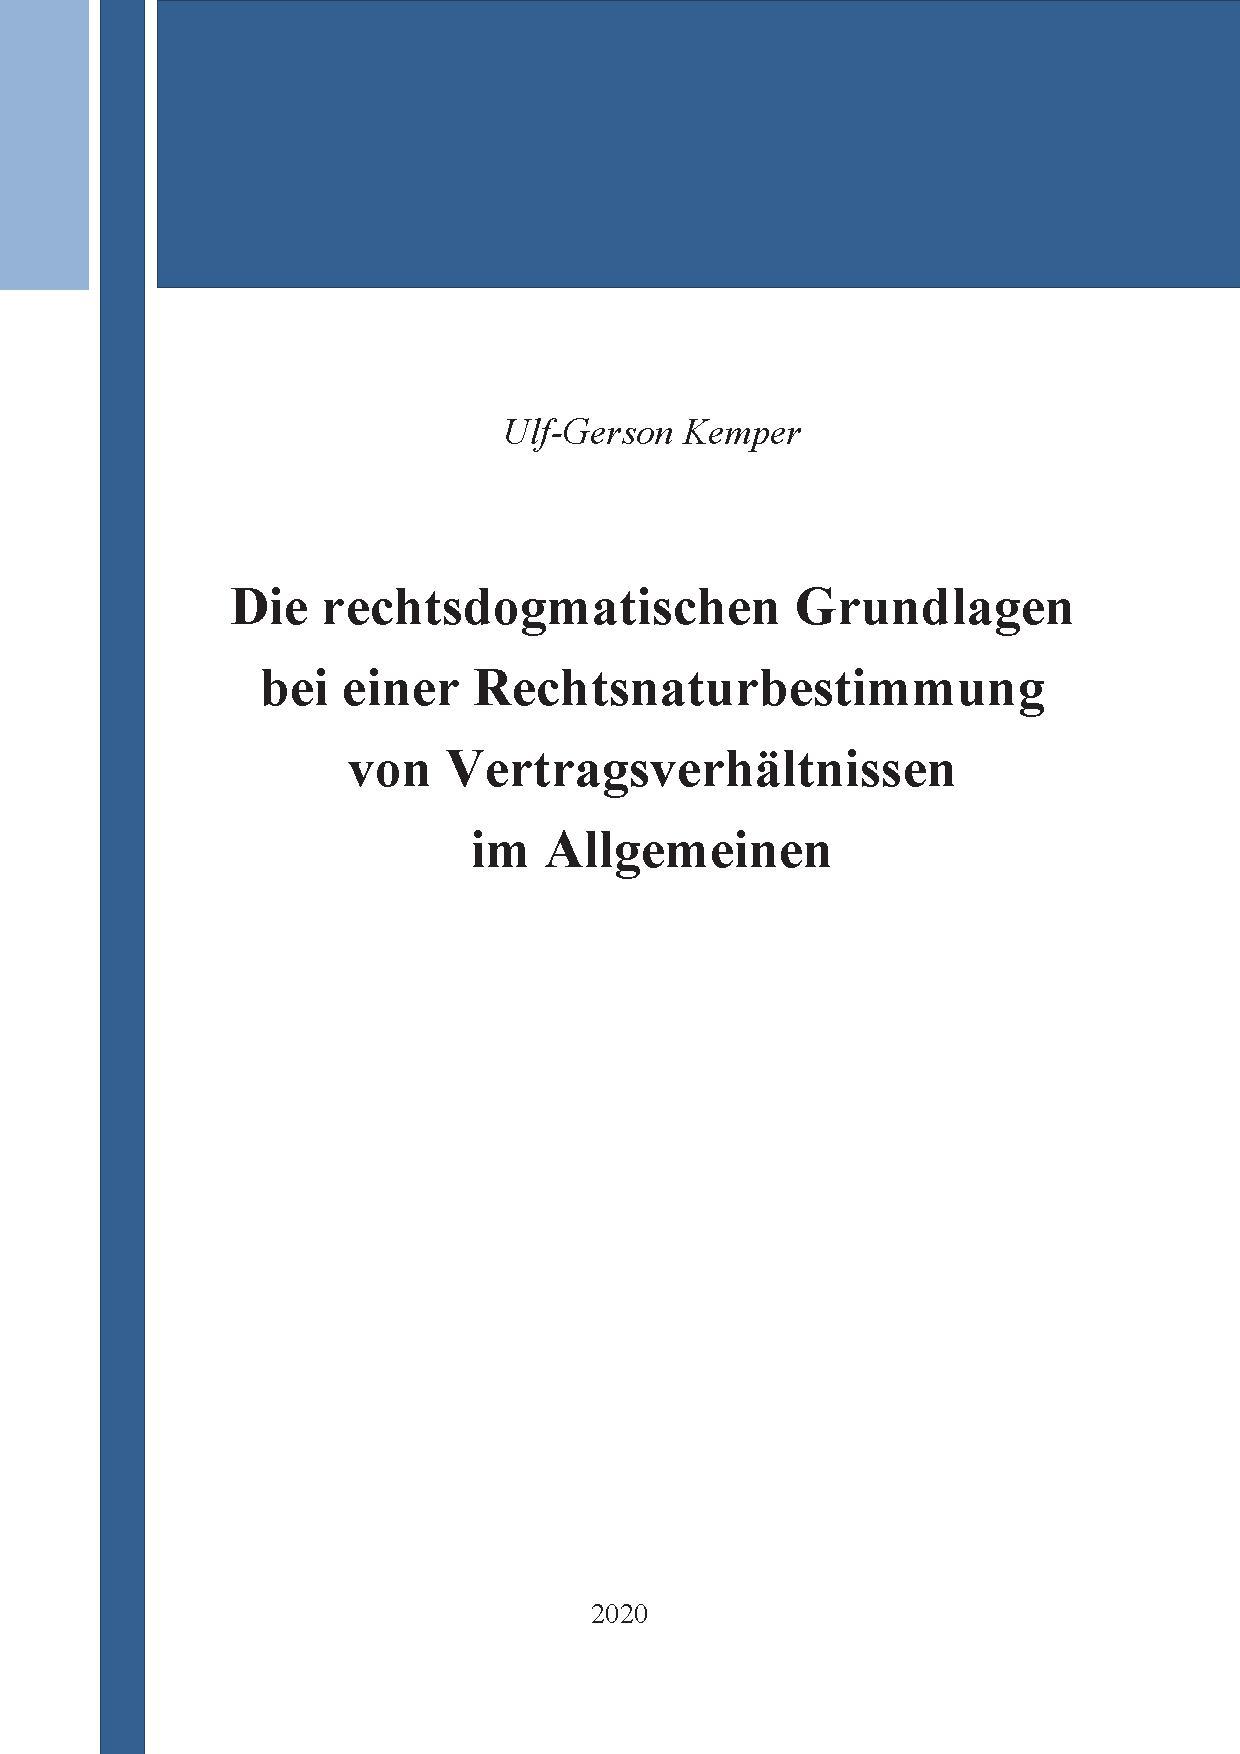 Buch-Cover; Die rechtsdogmatischen Grundlagen bei einer Rechtsnaturbestimmung von Vertragsverhältnissen